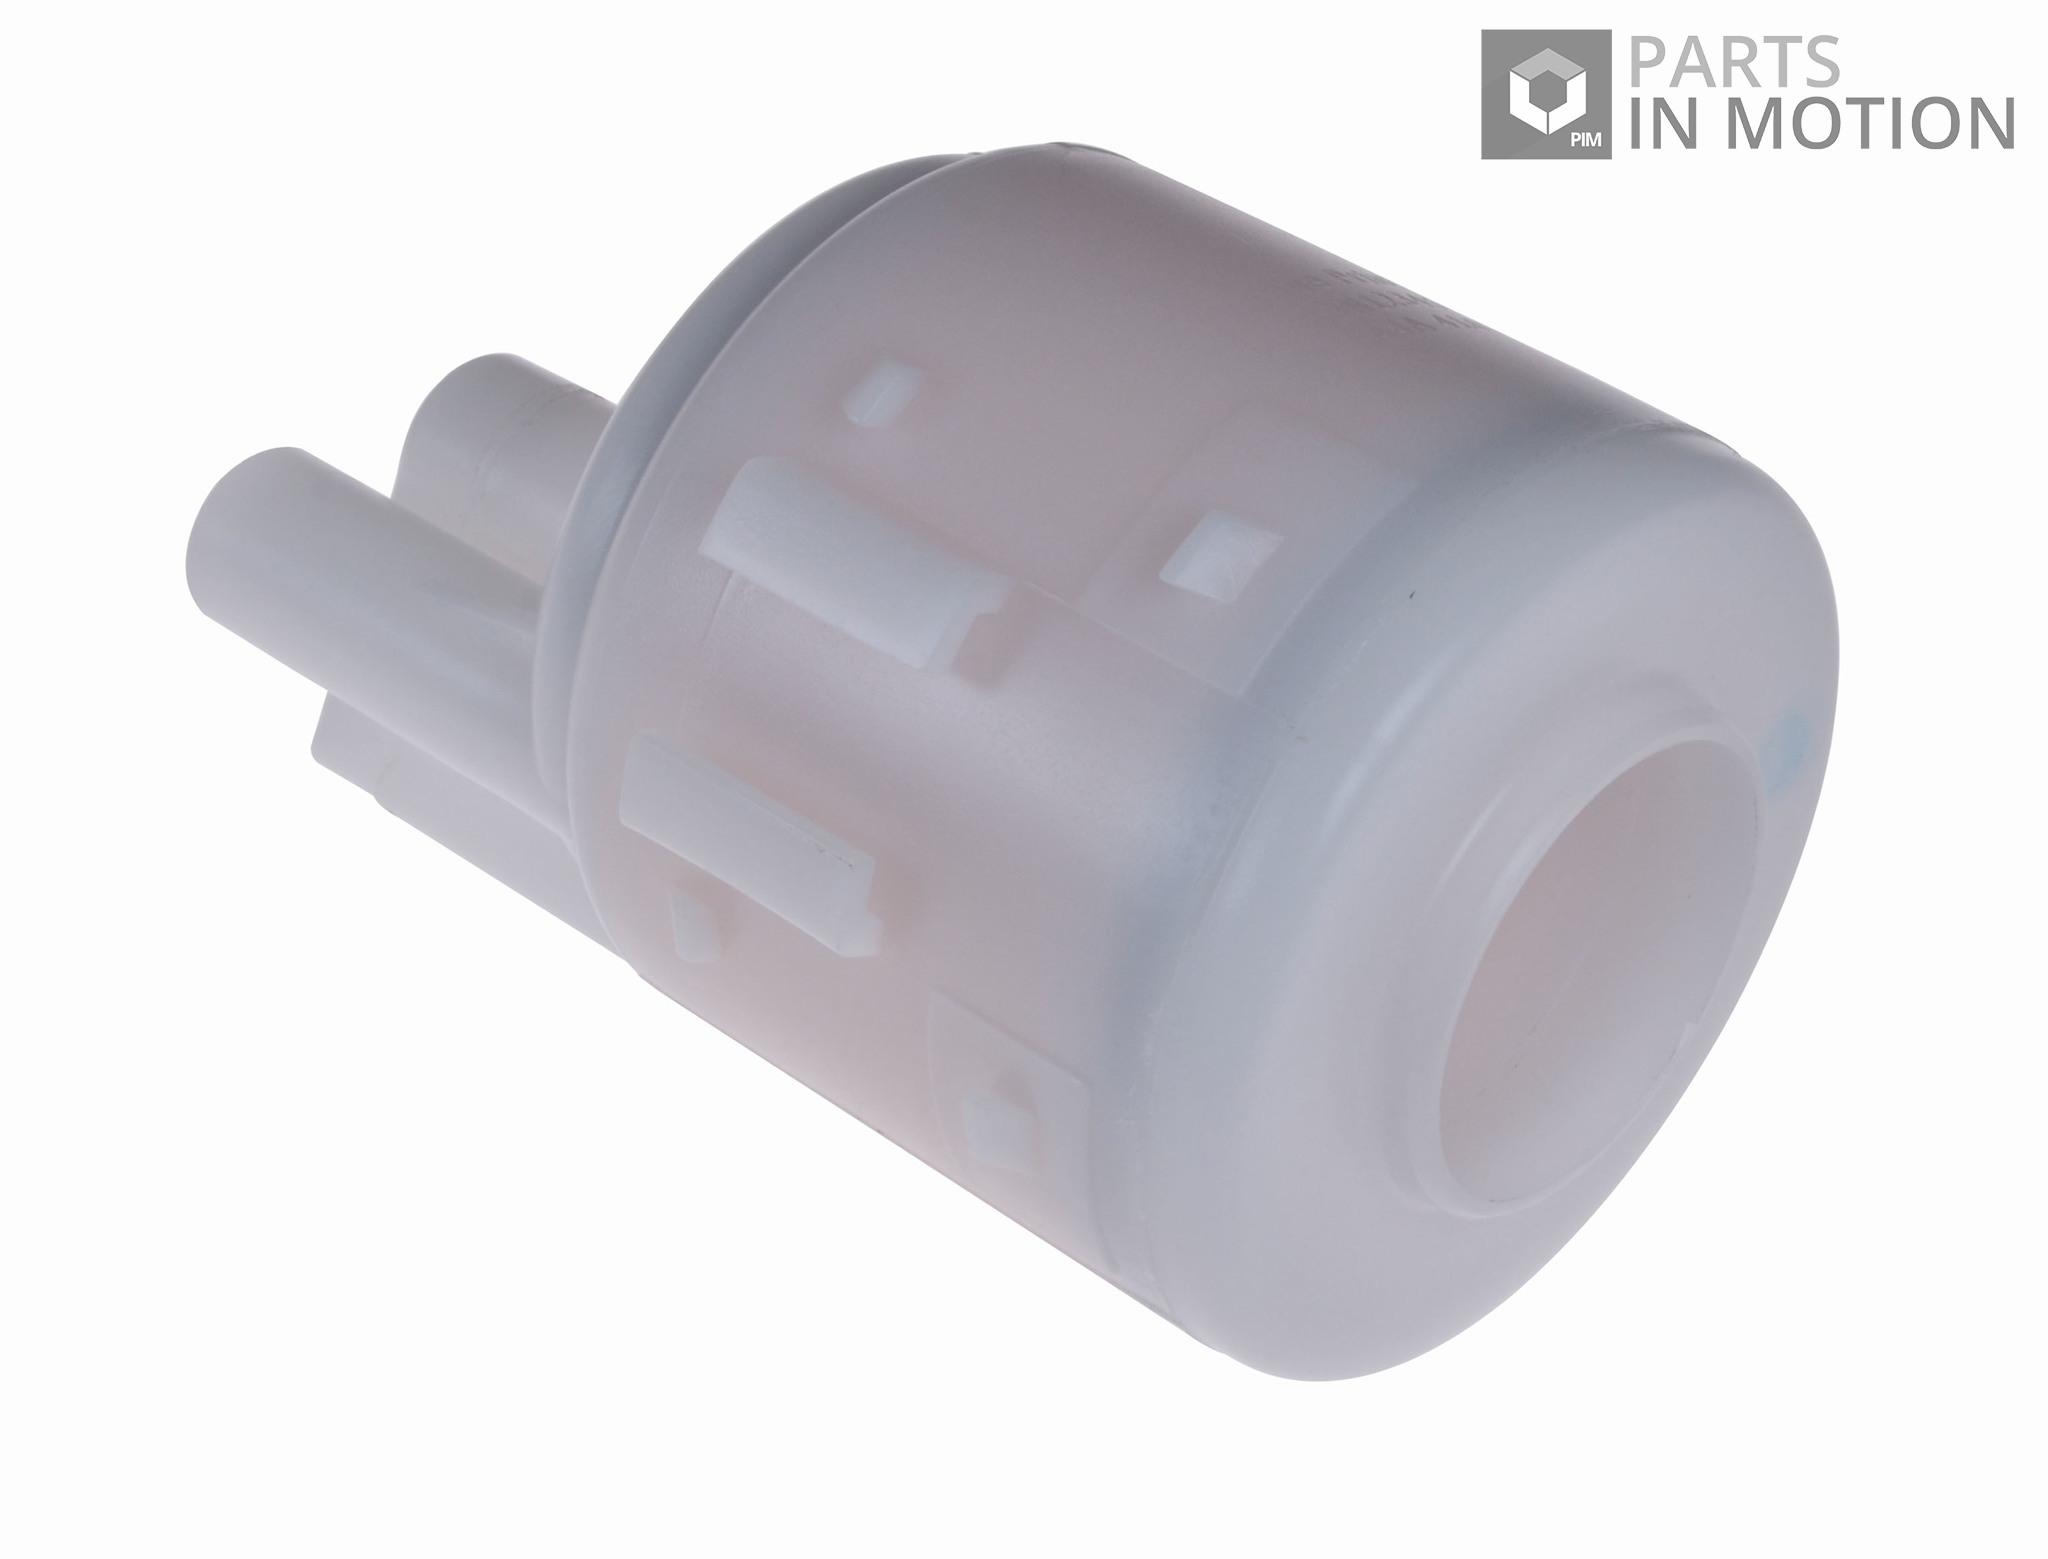 2x Fuel Filters In Tank Adn12345 Blue Print 164004m405 Top Quality Subaru Filter